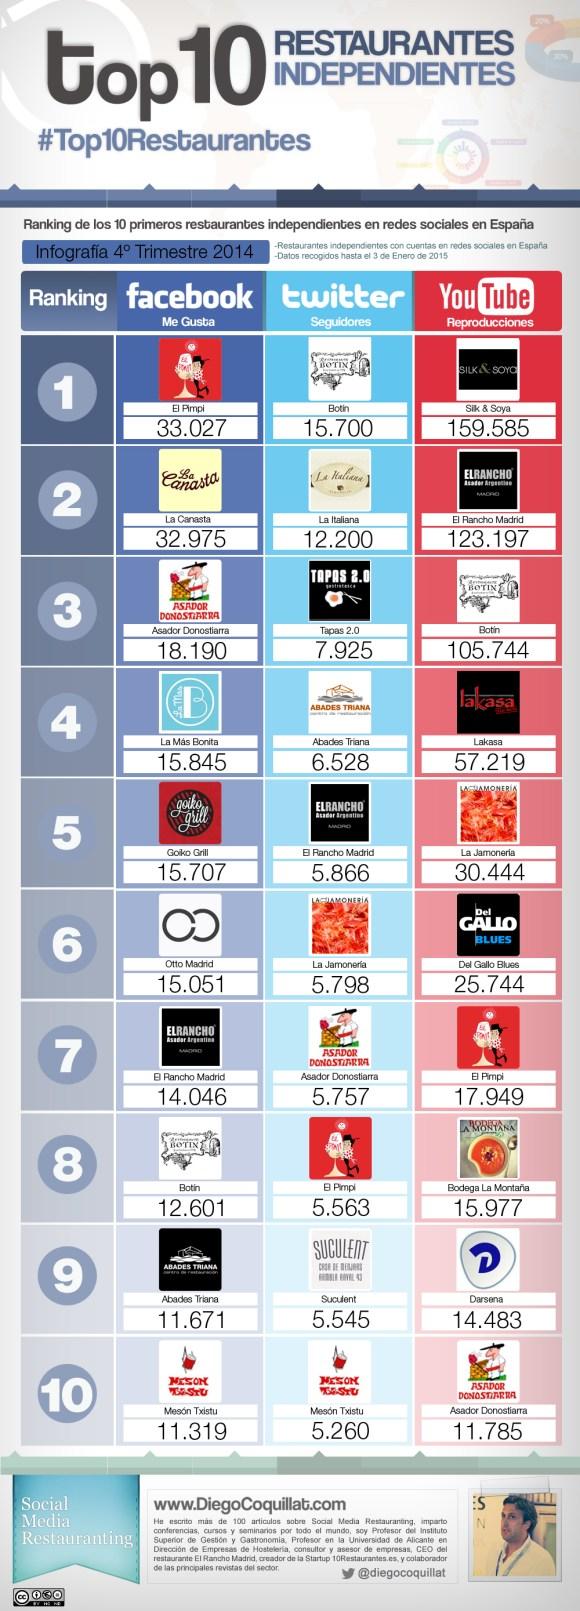 Mejores restaurantes en redes sociales en 2014